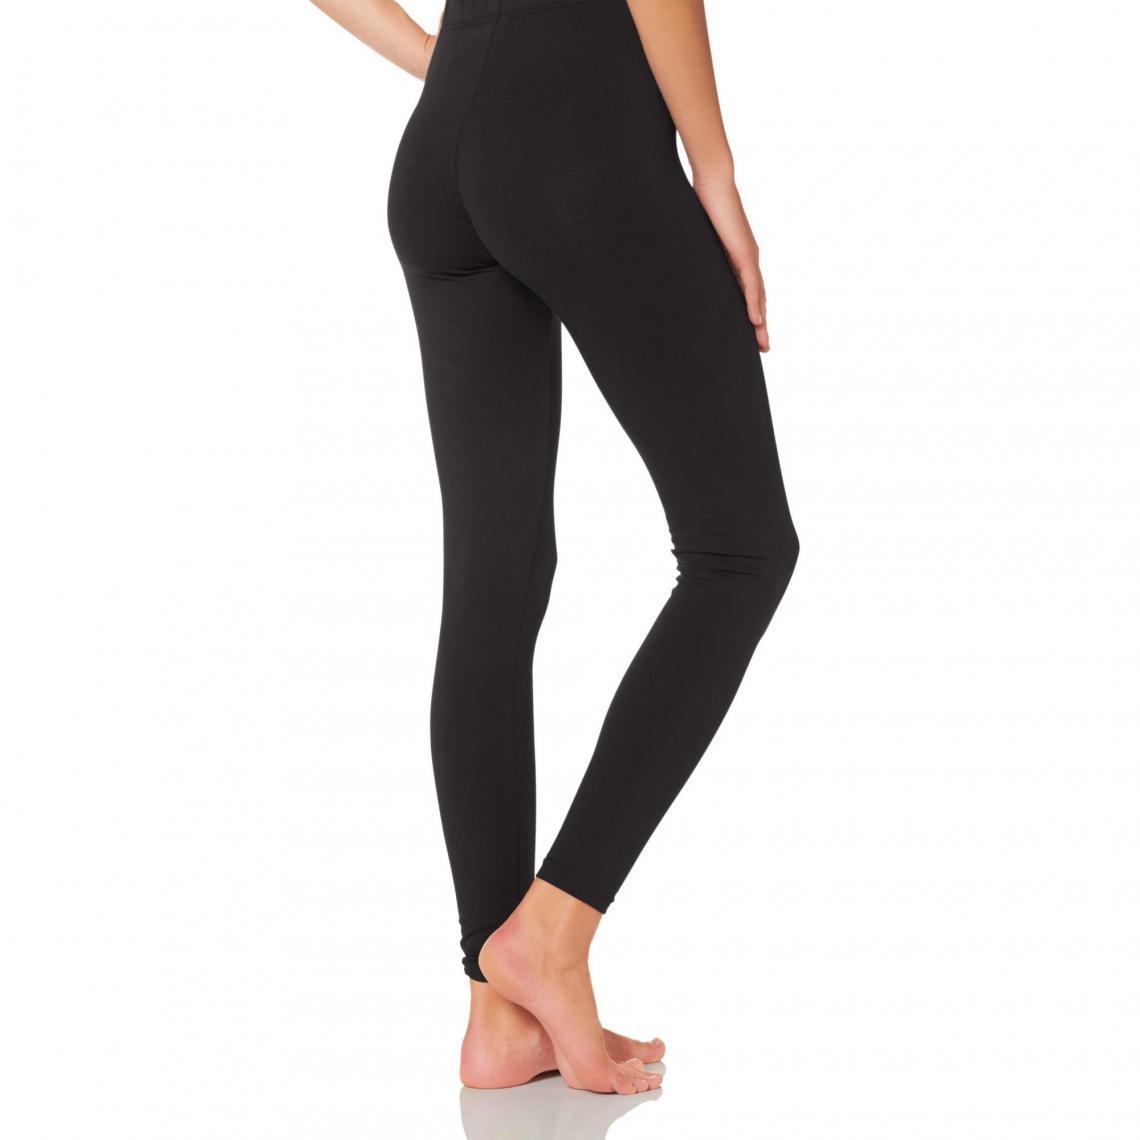 Lot de 2 leggings de running (1 long + 1 court) femme Noir Plus de détails